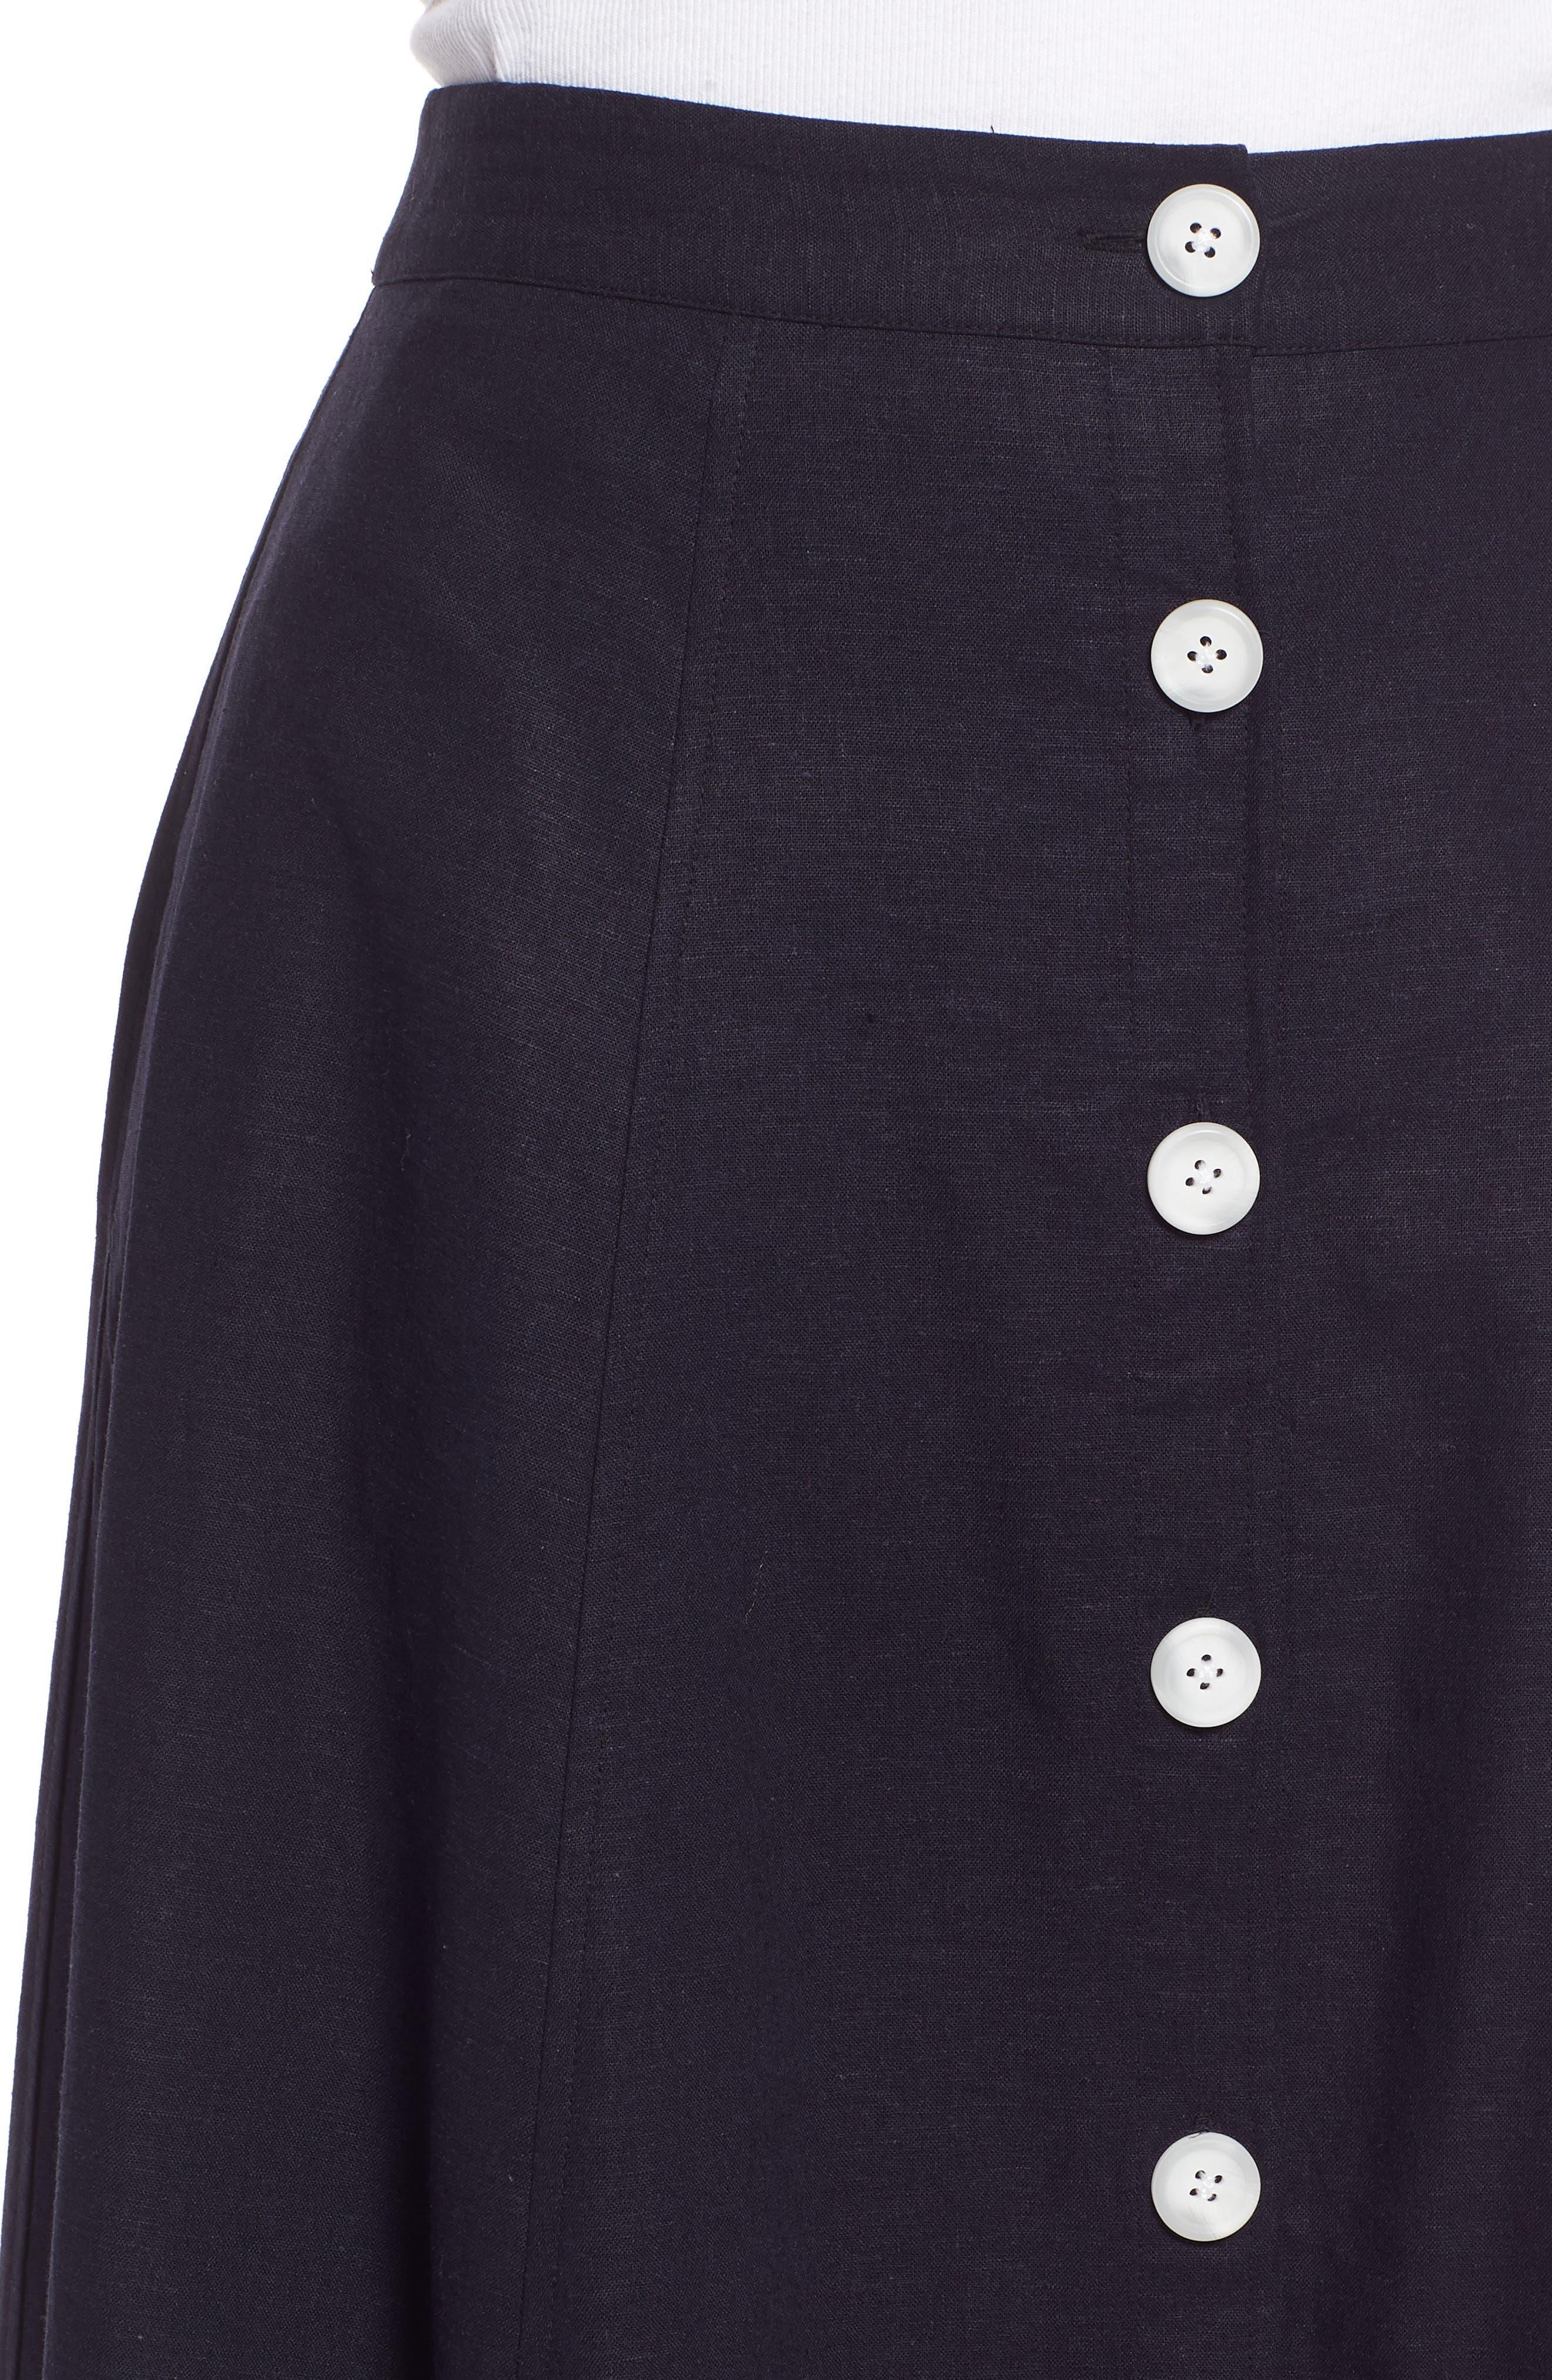 Colorblock Linen Blend Skirt,                             Alternate thumbnail 4, color,                             410